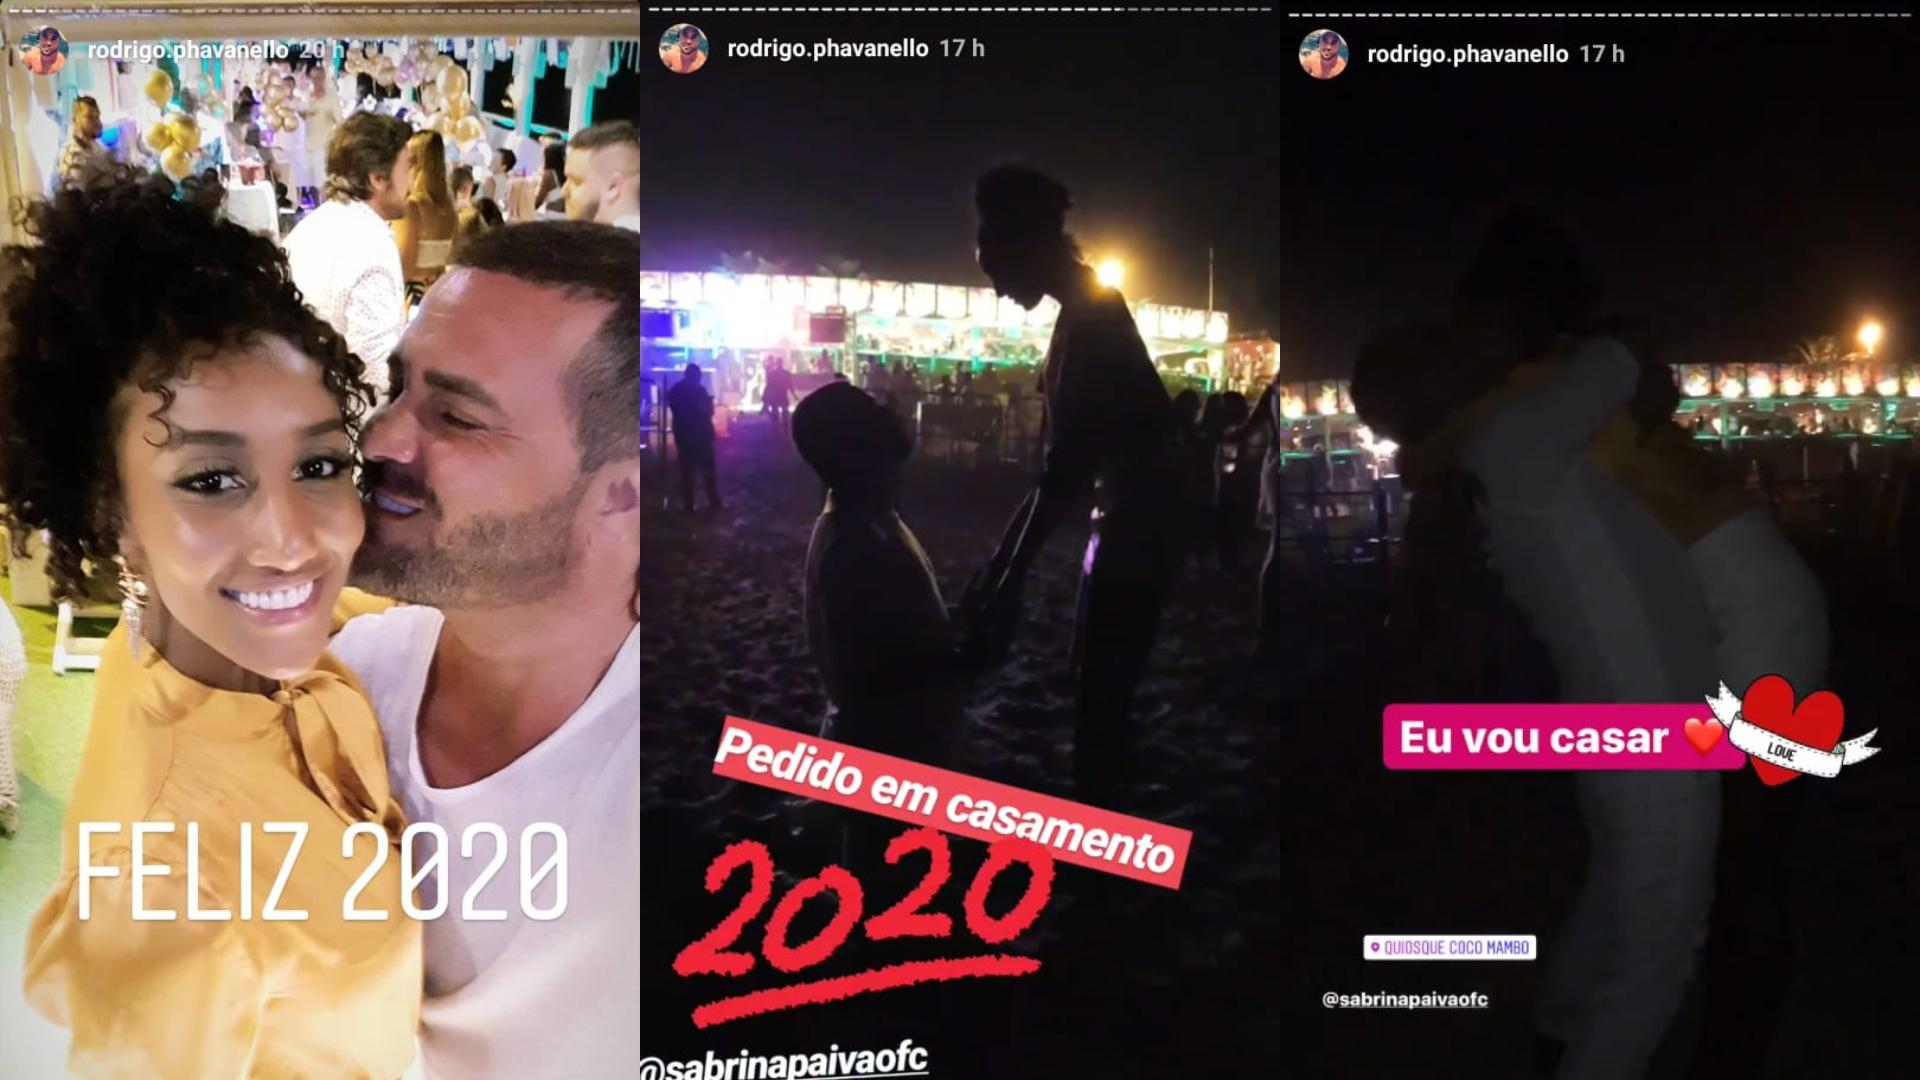 Rodrigo Phavanello pede Sabrina paiva em casamento